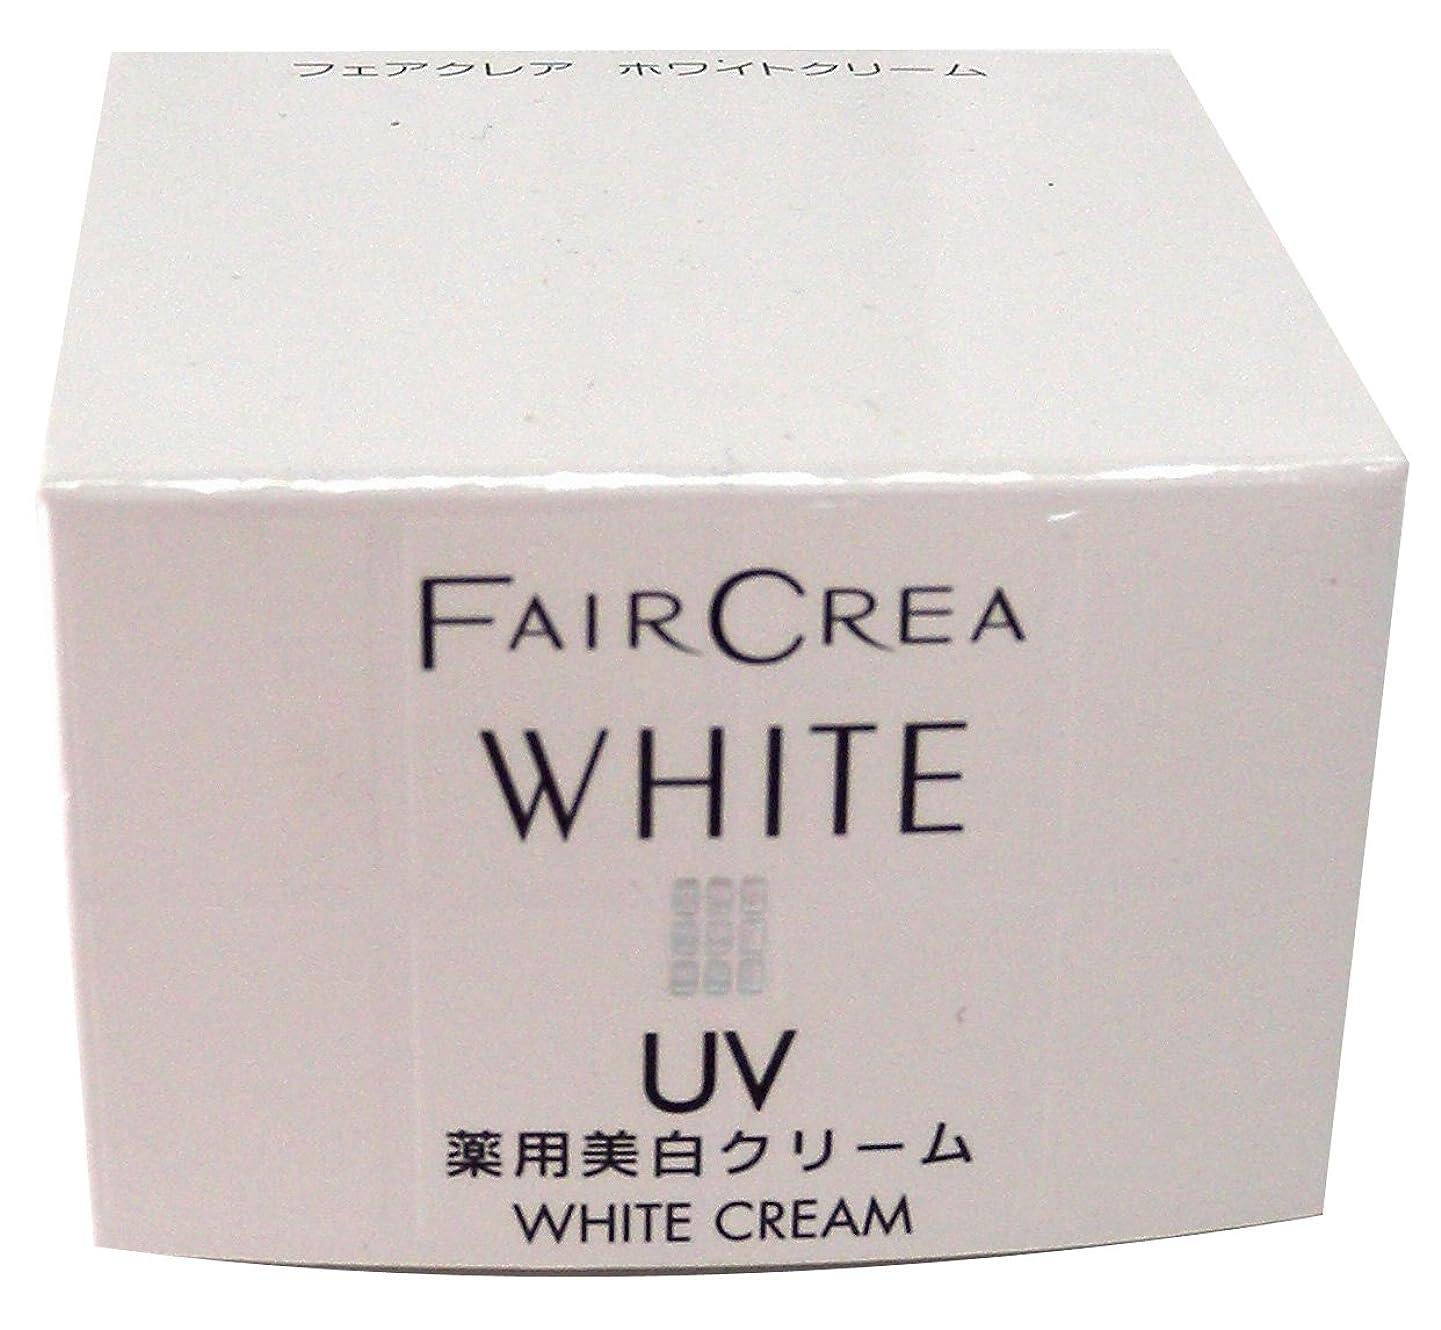 魅了する帝国細いフェアクレア ホワイトクリーム 30g <27130>